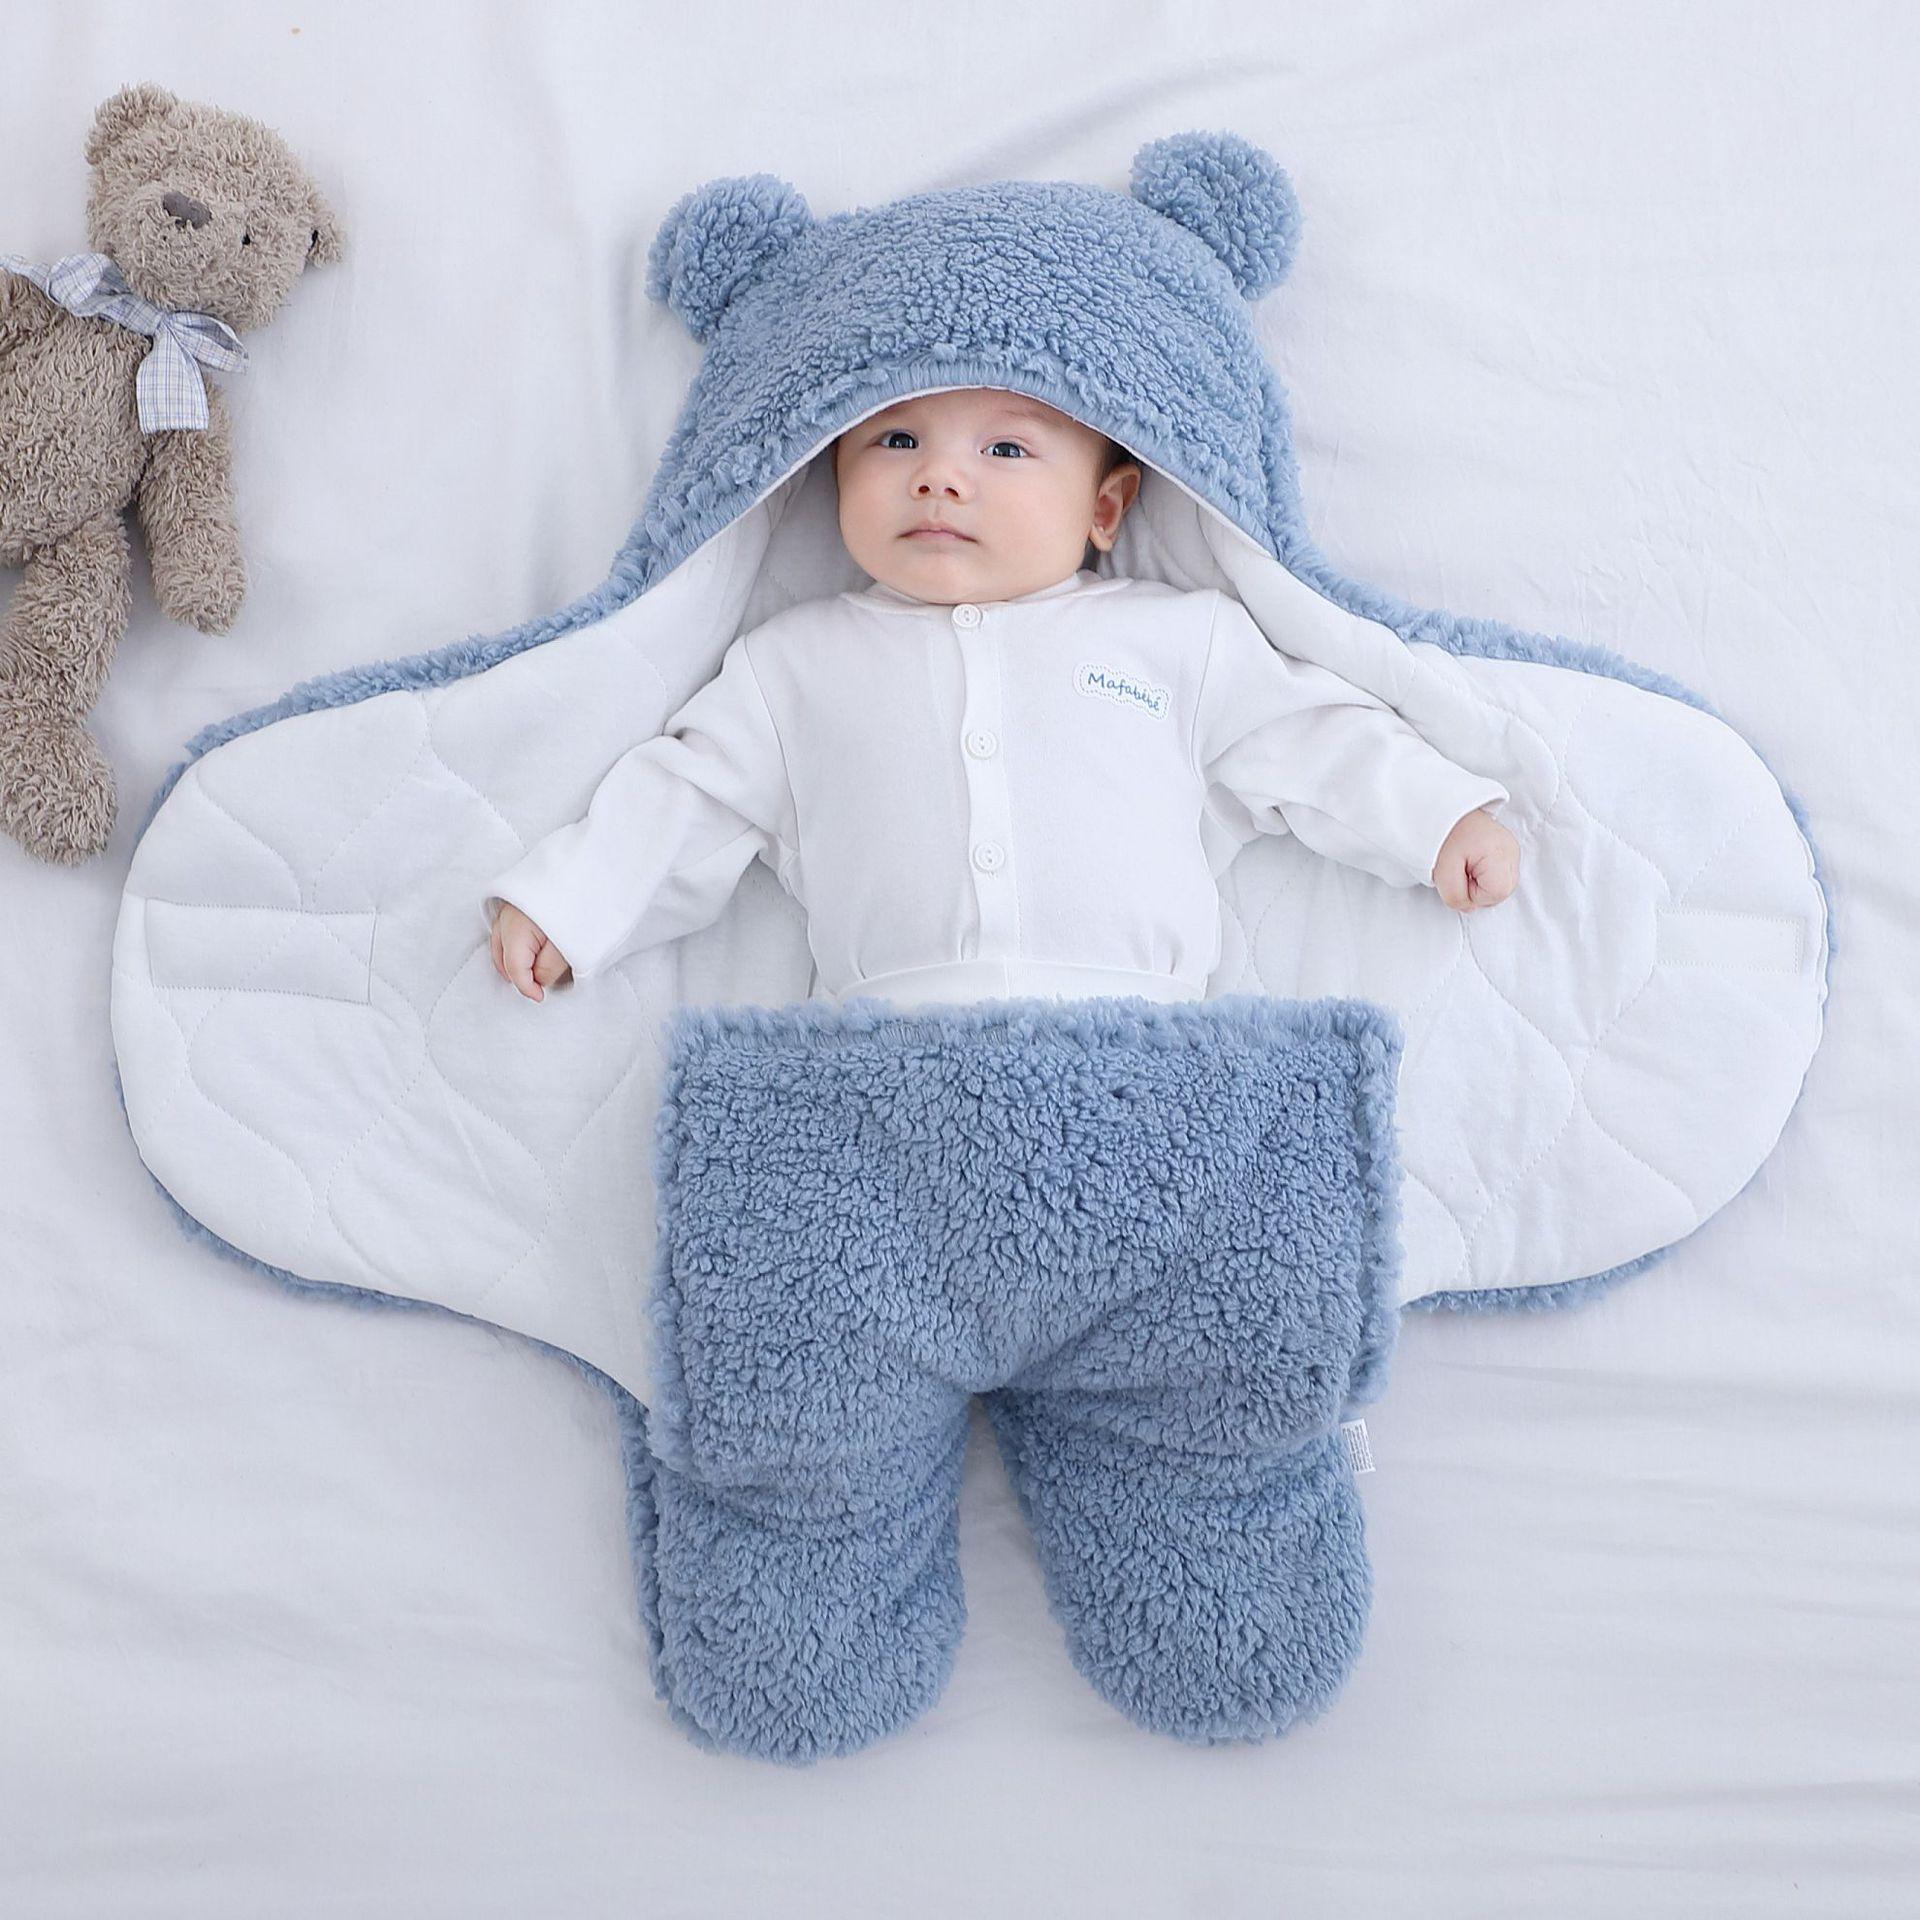 Дитячий спальний мішок надм'який - Постільні приналежності